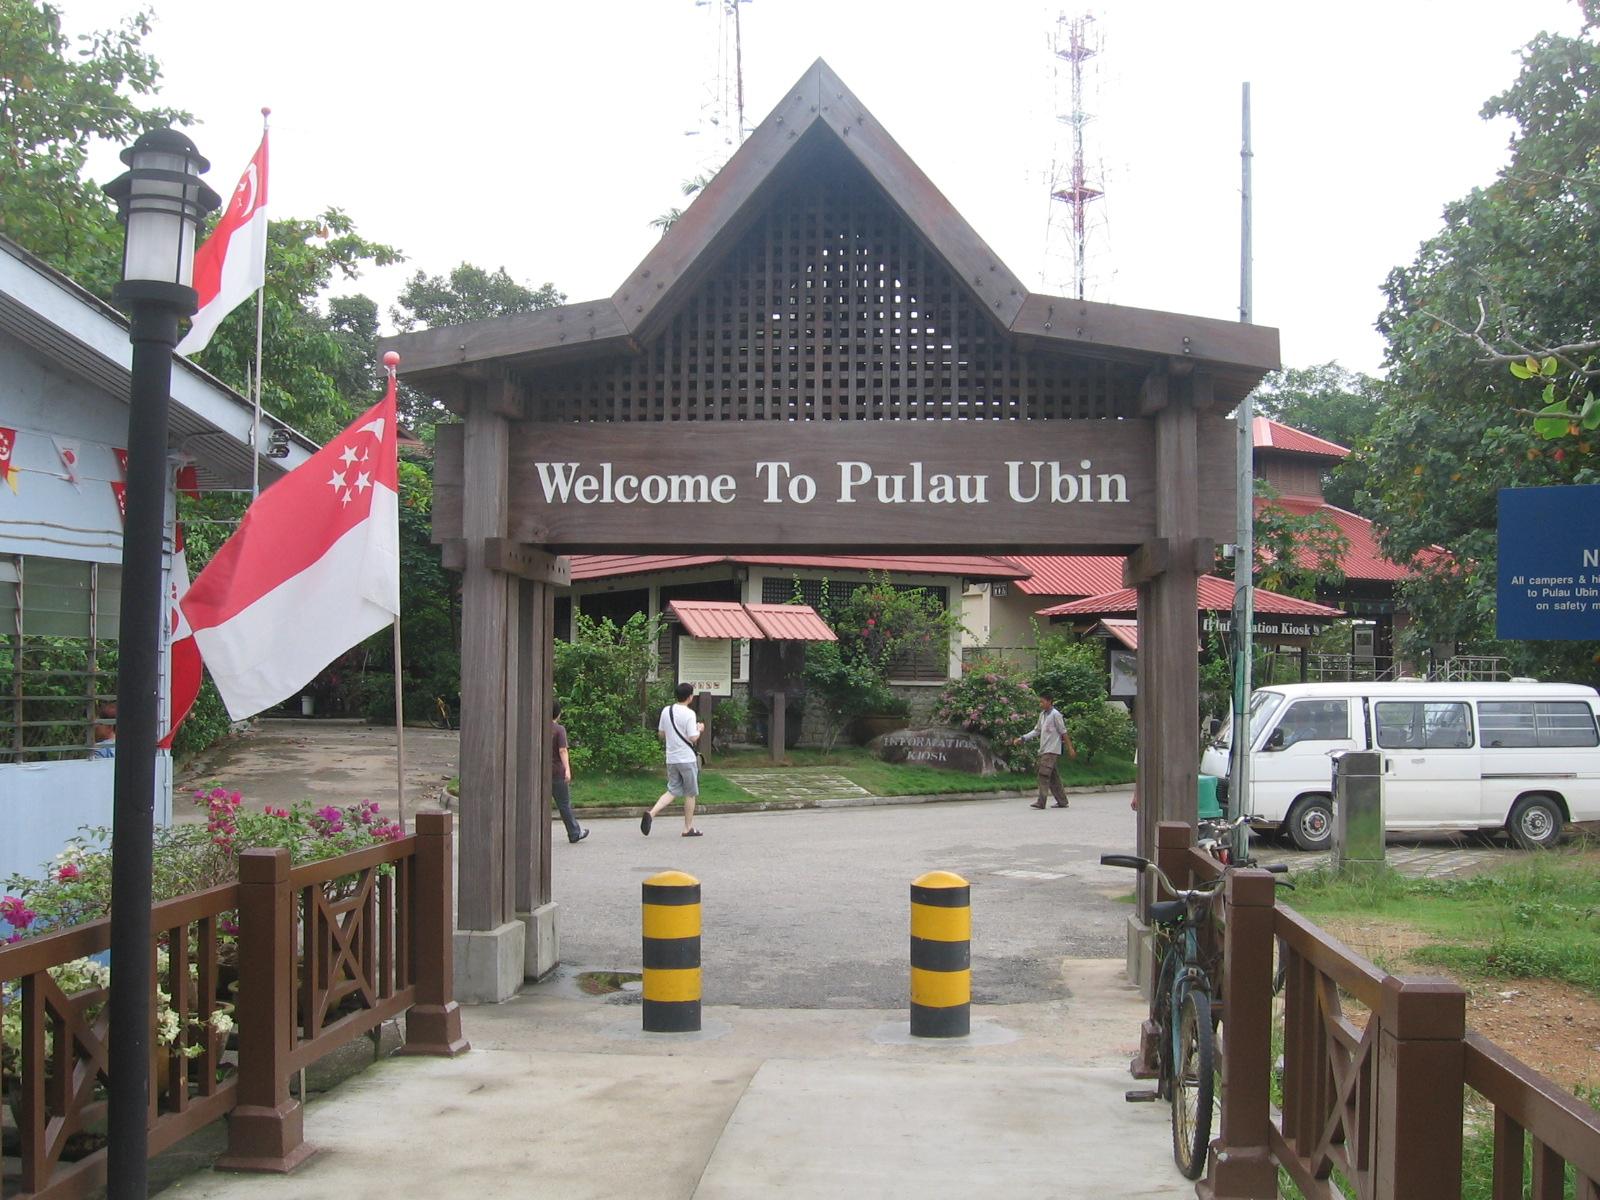 Pulau Ubin 3, Aug 07.JPG